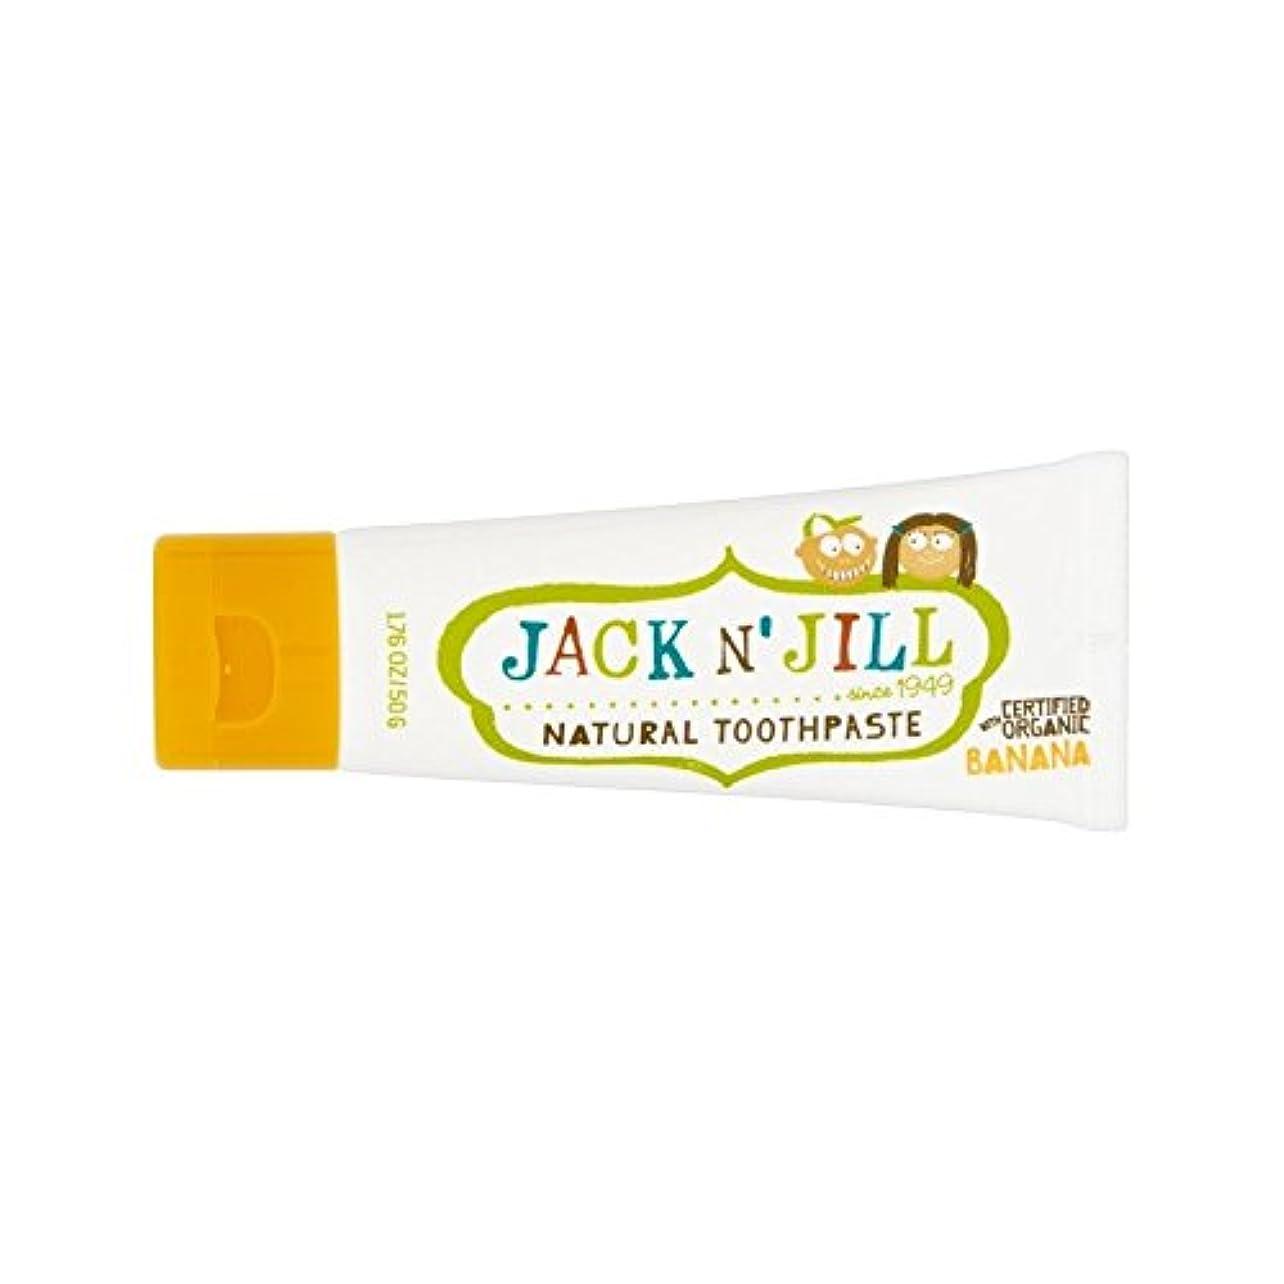 知っているに立ち寄るポーチインフラ有機香味50グラムと自然バナナ歯磨き粉 (Jack N Jill) (x 6) - Jack N' Jill Banana Toothpaste Natural with Organic Flavouring 50g (...